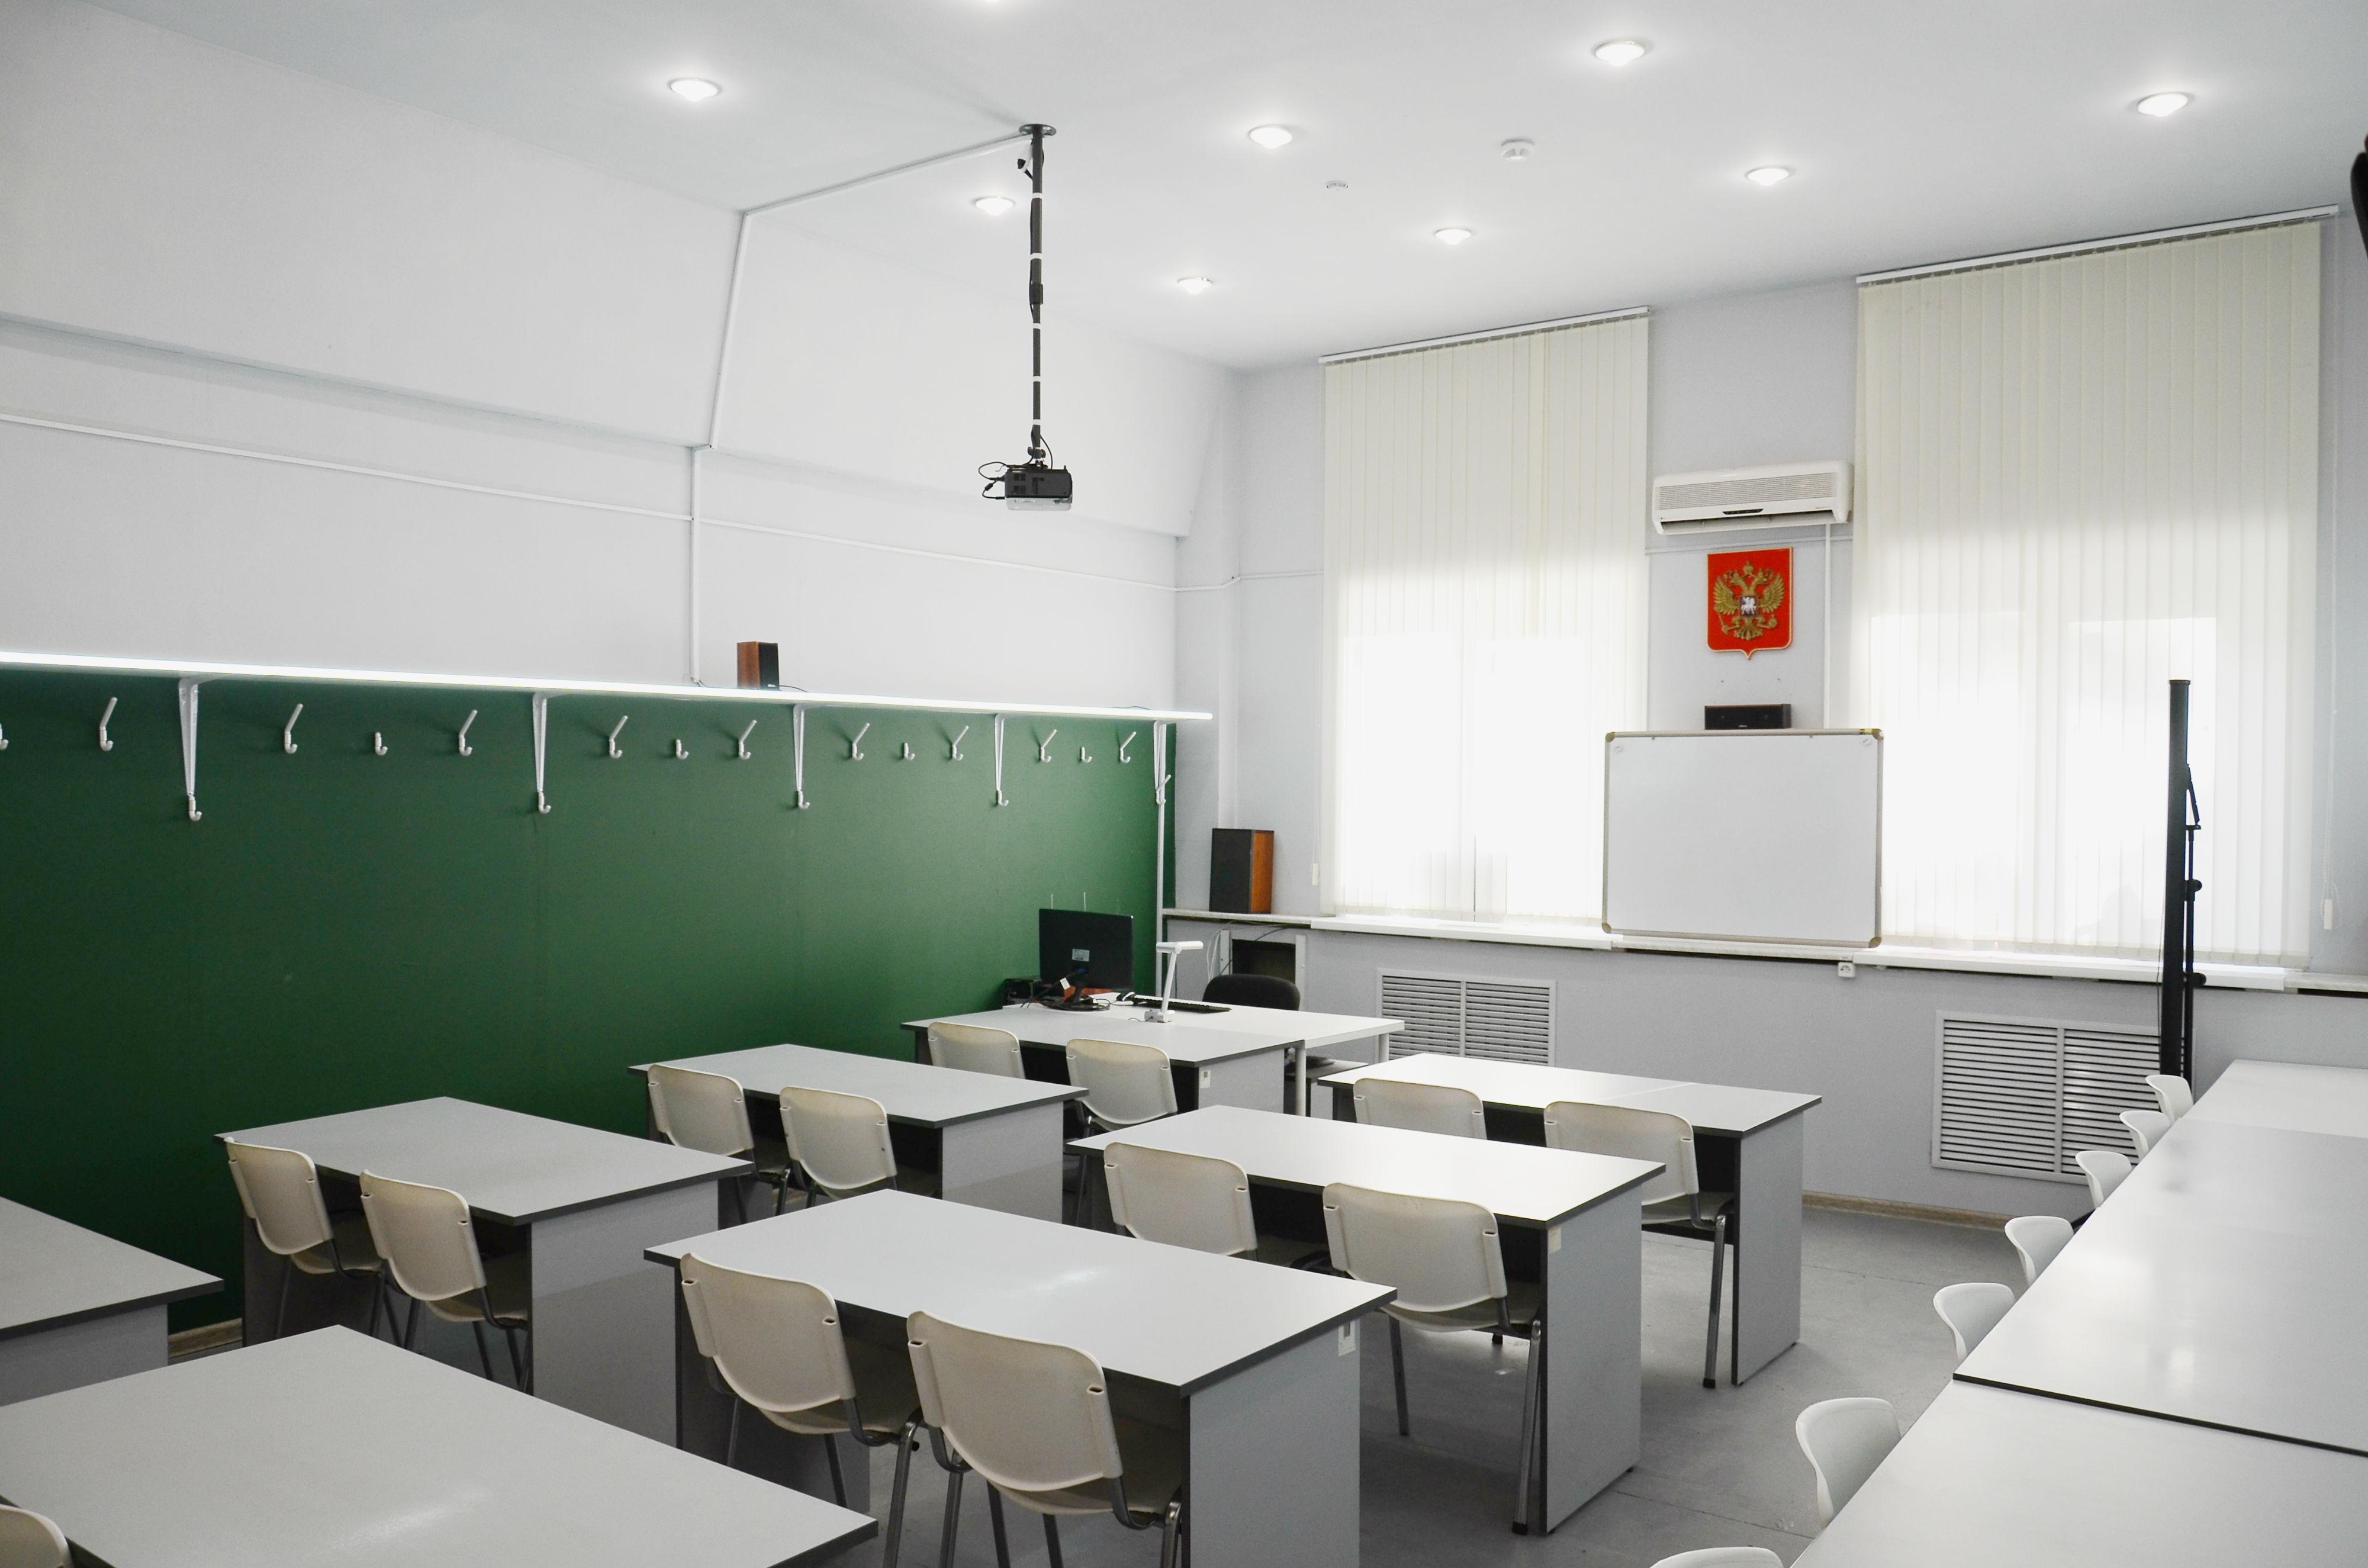 знал фото учебных классов мягкая, уговаривающая